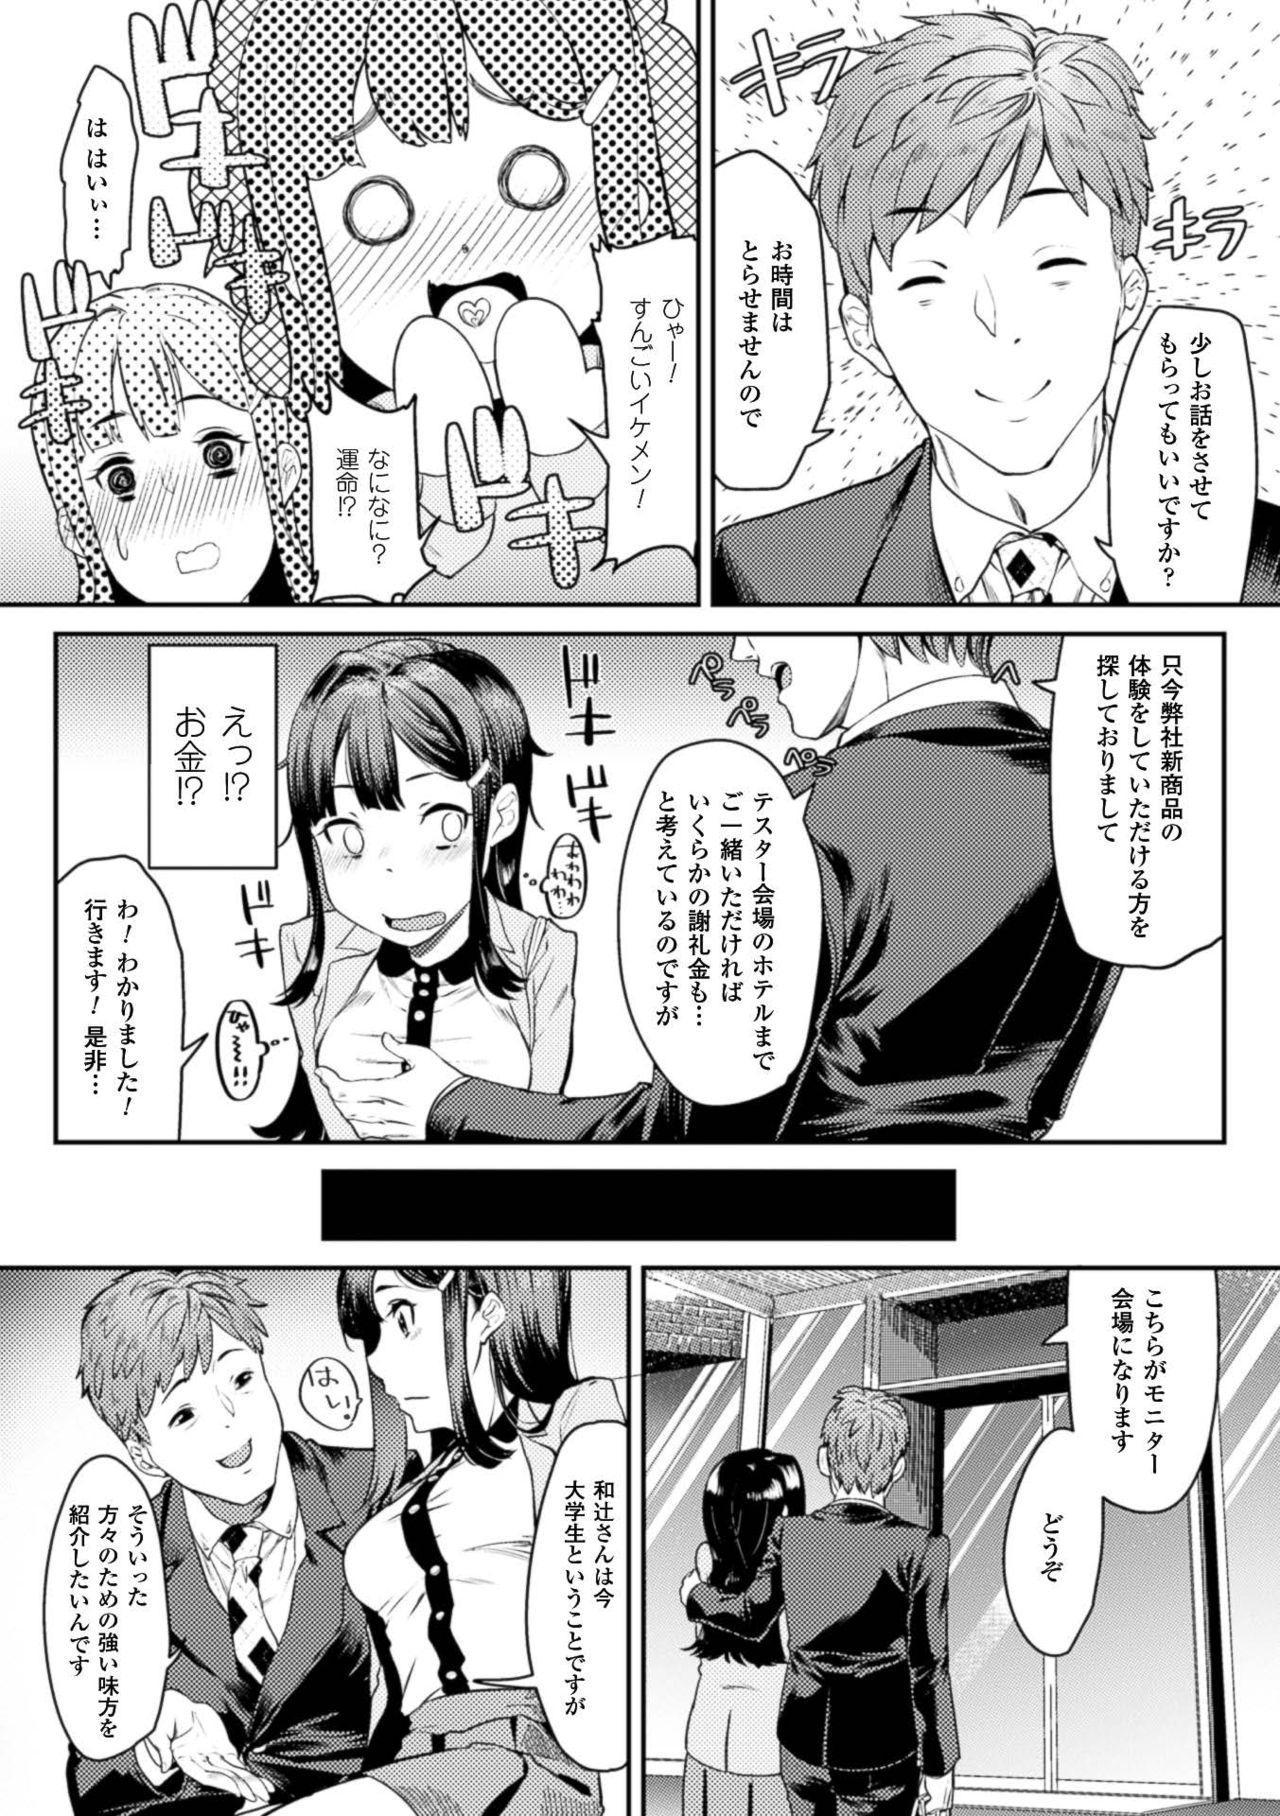 2D Comic Magazine Kuchibenki Heroines Karen na Okuchi wa Nama Onaho Vol. 1 4